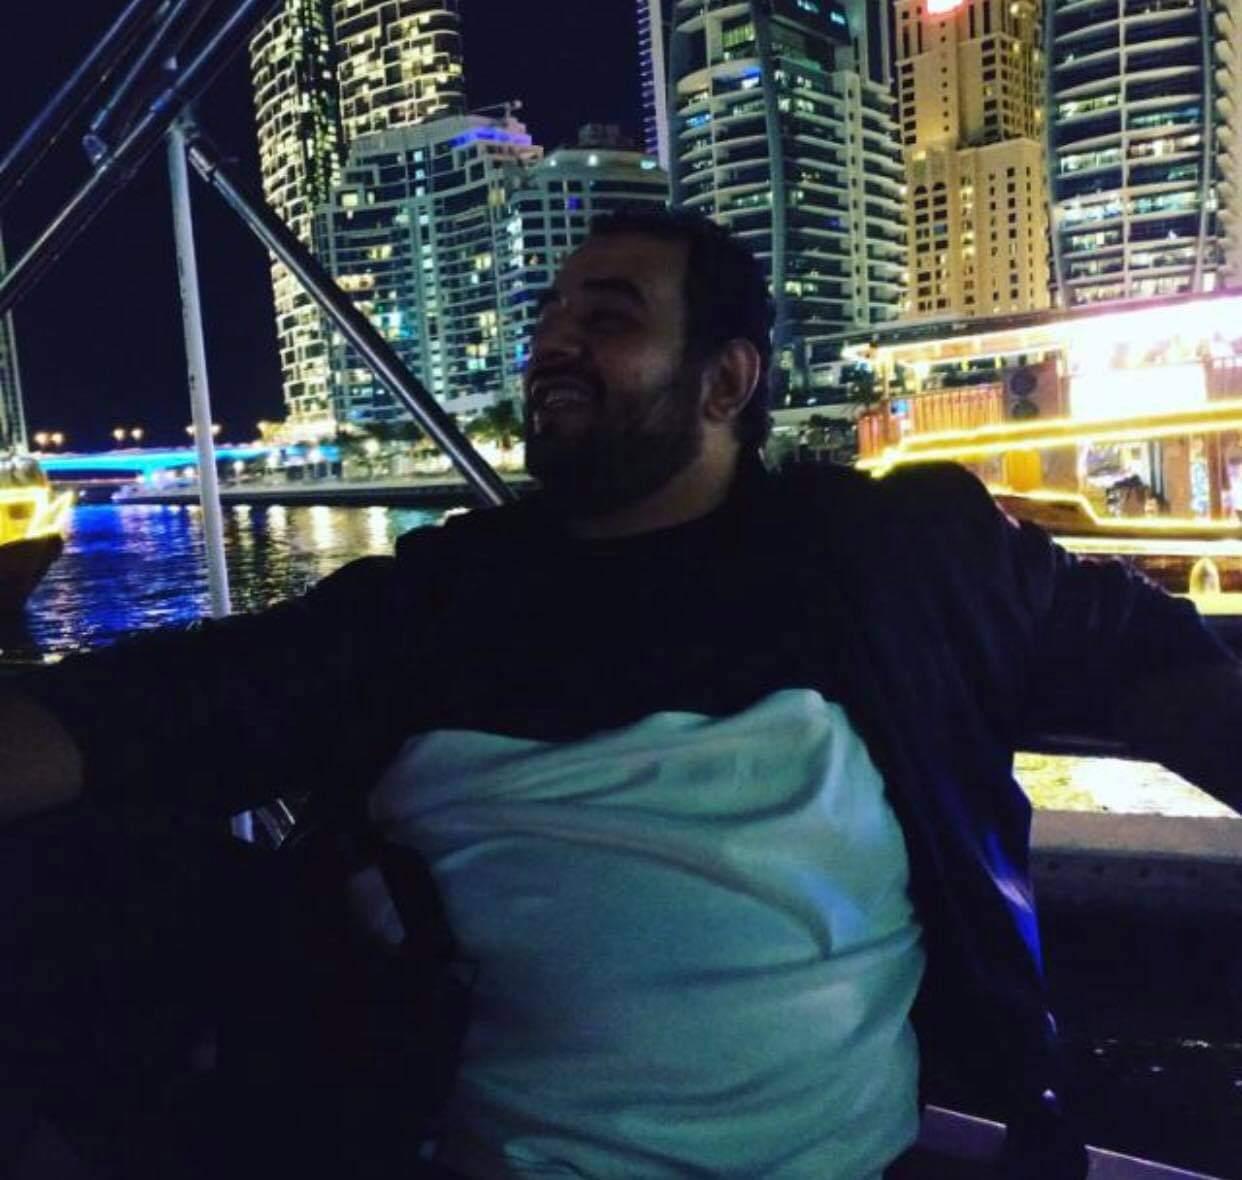 """ابو الحسن - عماد أبو الحسن ضيف """"حكايات مع عود"""" في حلقة جديدة عن حياة المغتربين"""